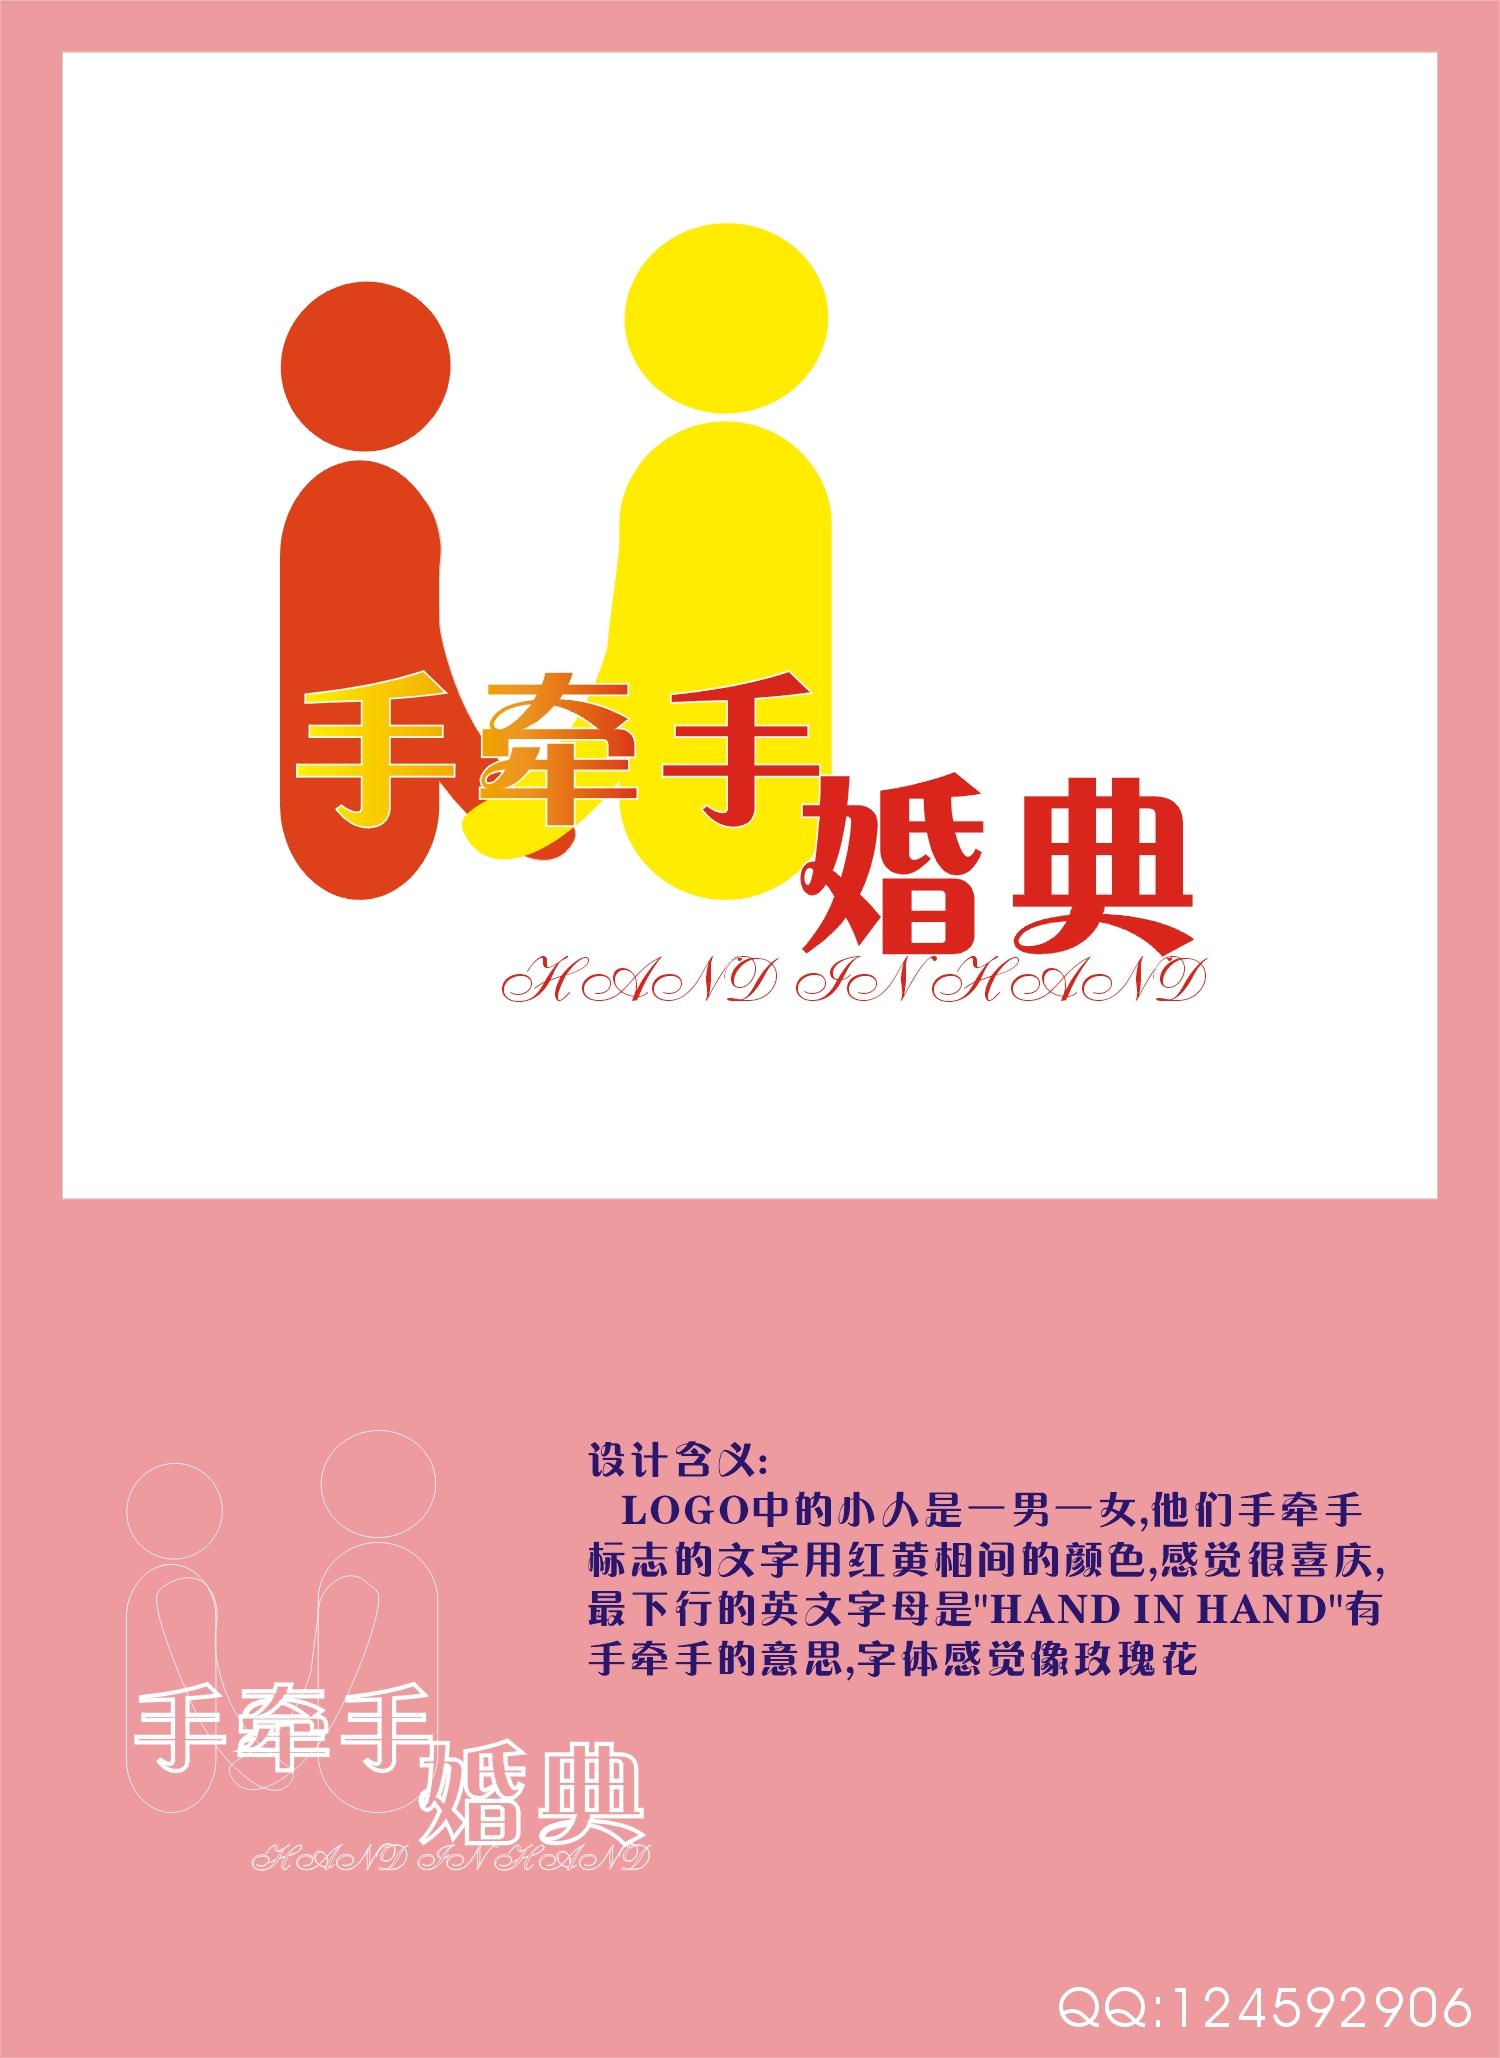 手牵手婚典logo设计及名片设计- 稿件[#1454079]